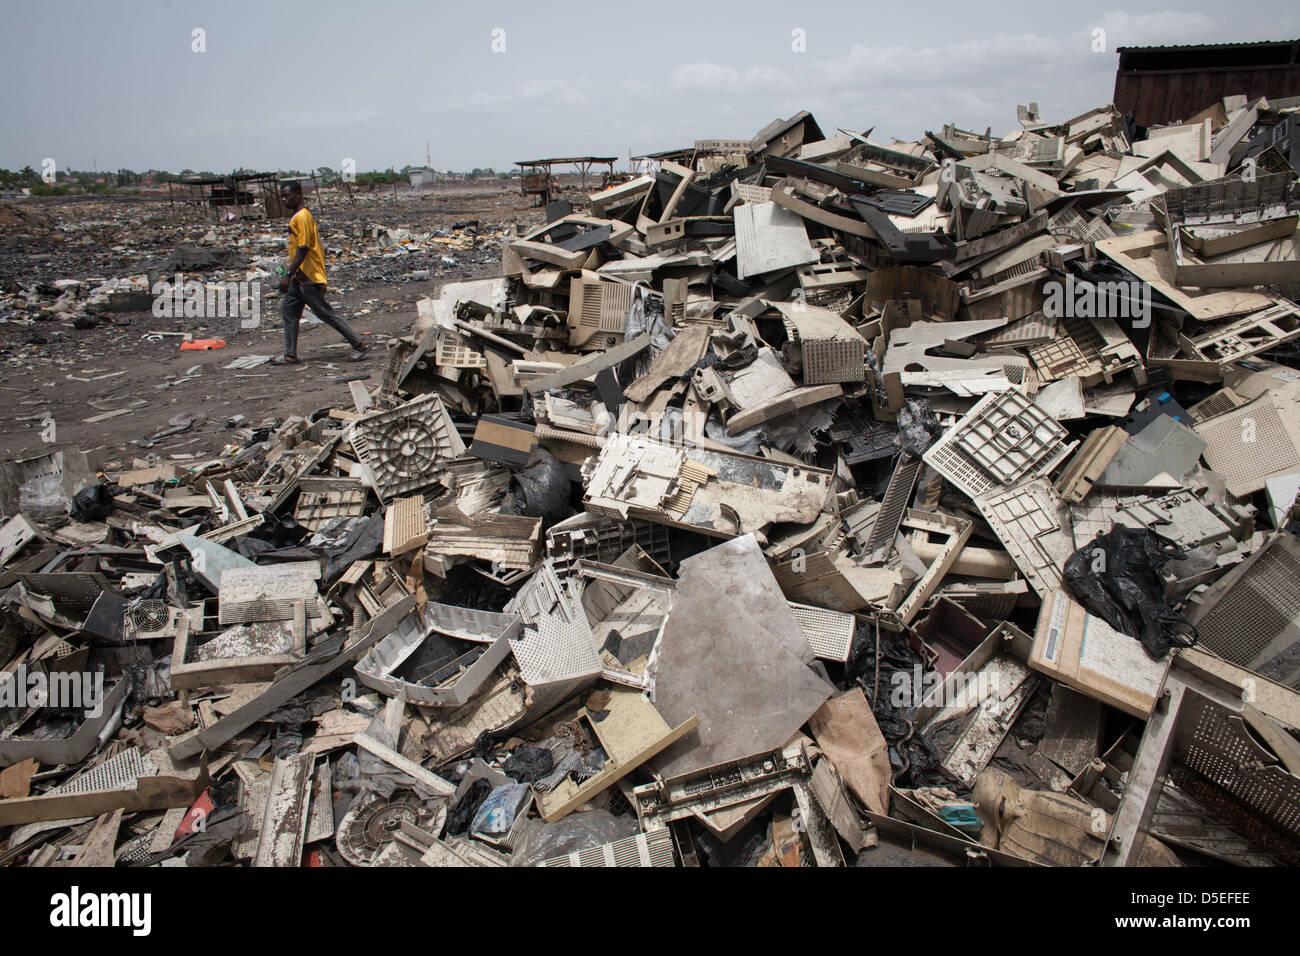 Déchets électroniques à Agbogbloshie dump, Accra, Ghana. Photo Stock